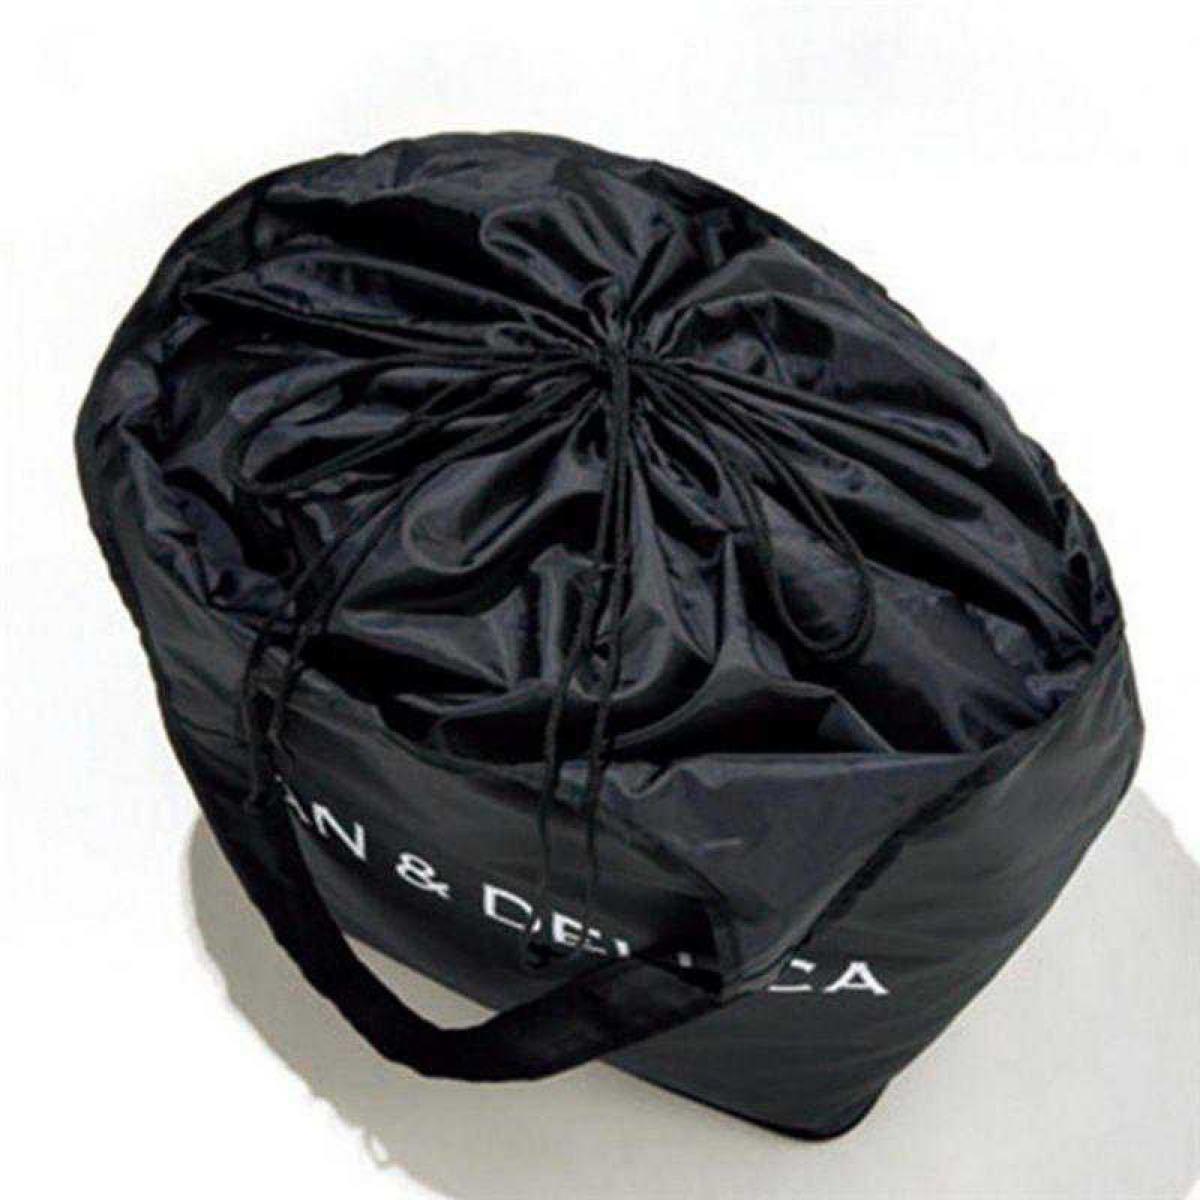 限定価格!!大人気商品★ レジカゴバッグ エコバッグ レジバッグ  トートバッグ ブラック 黒 単品